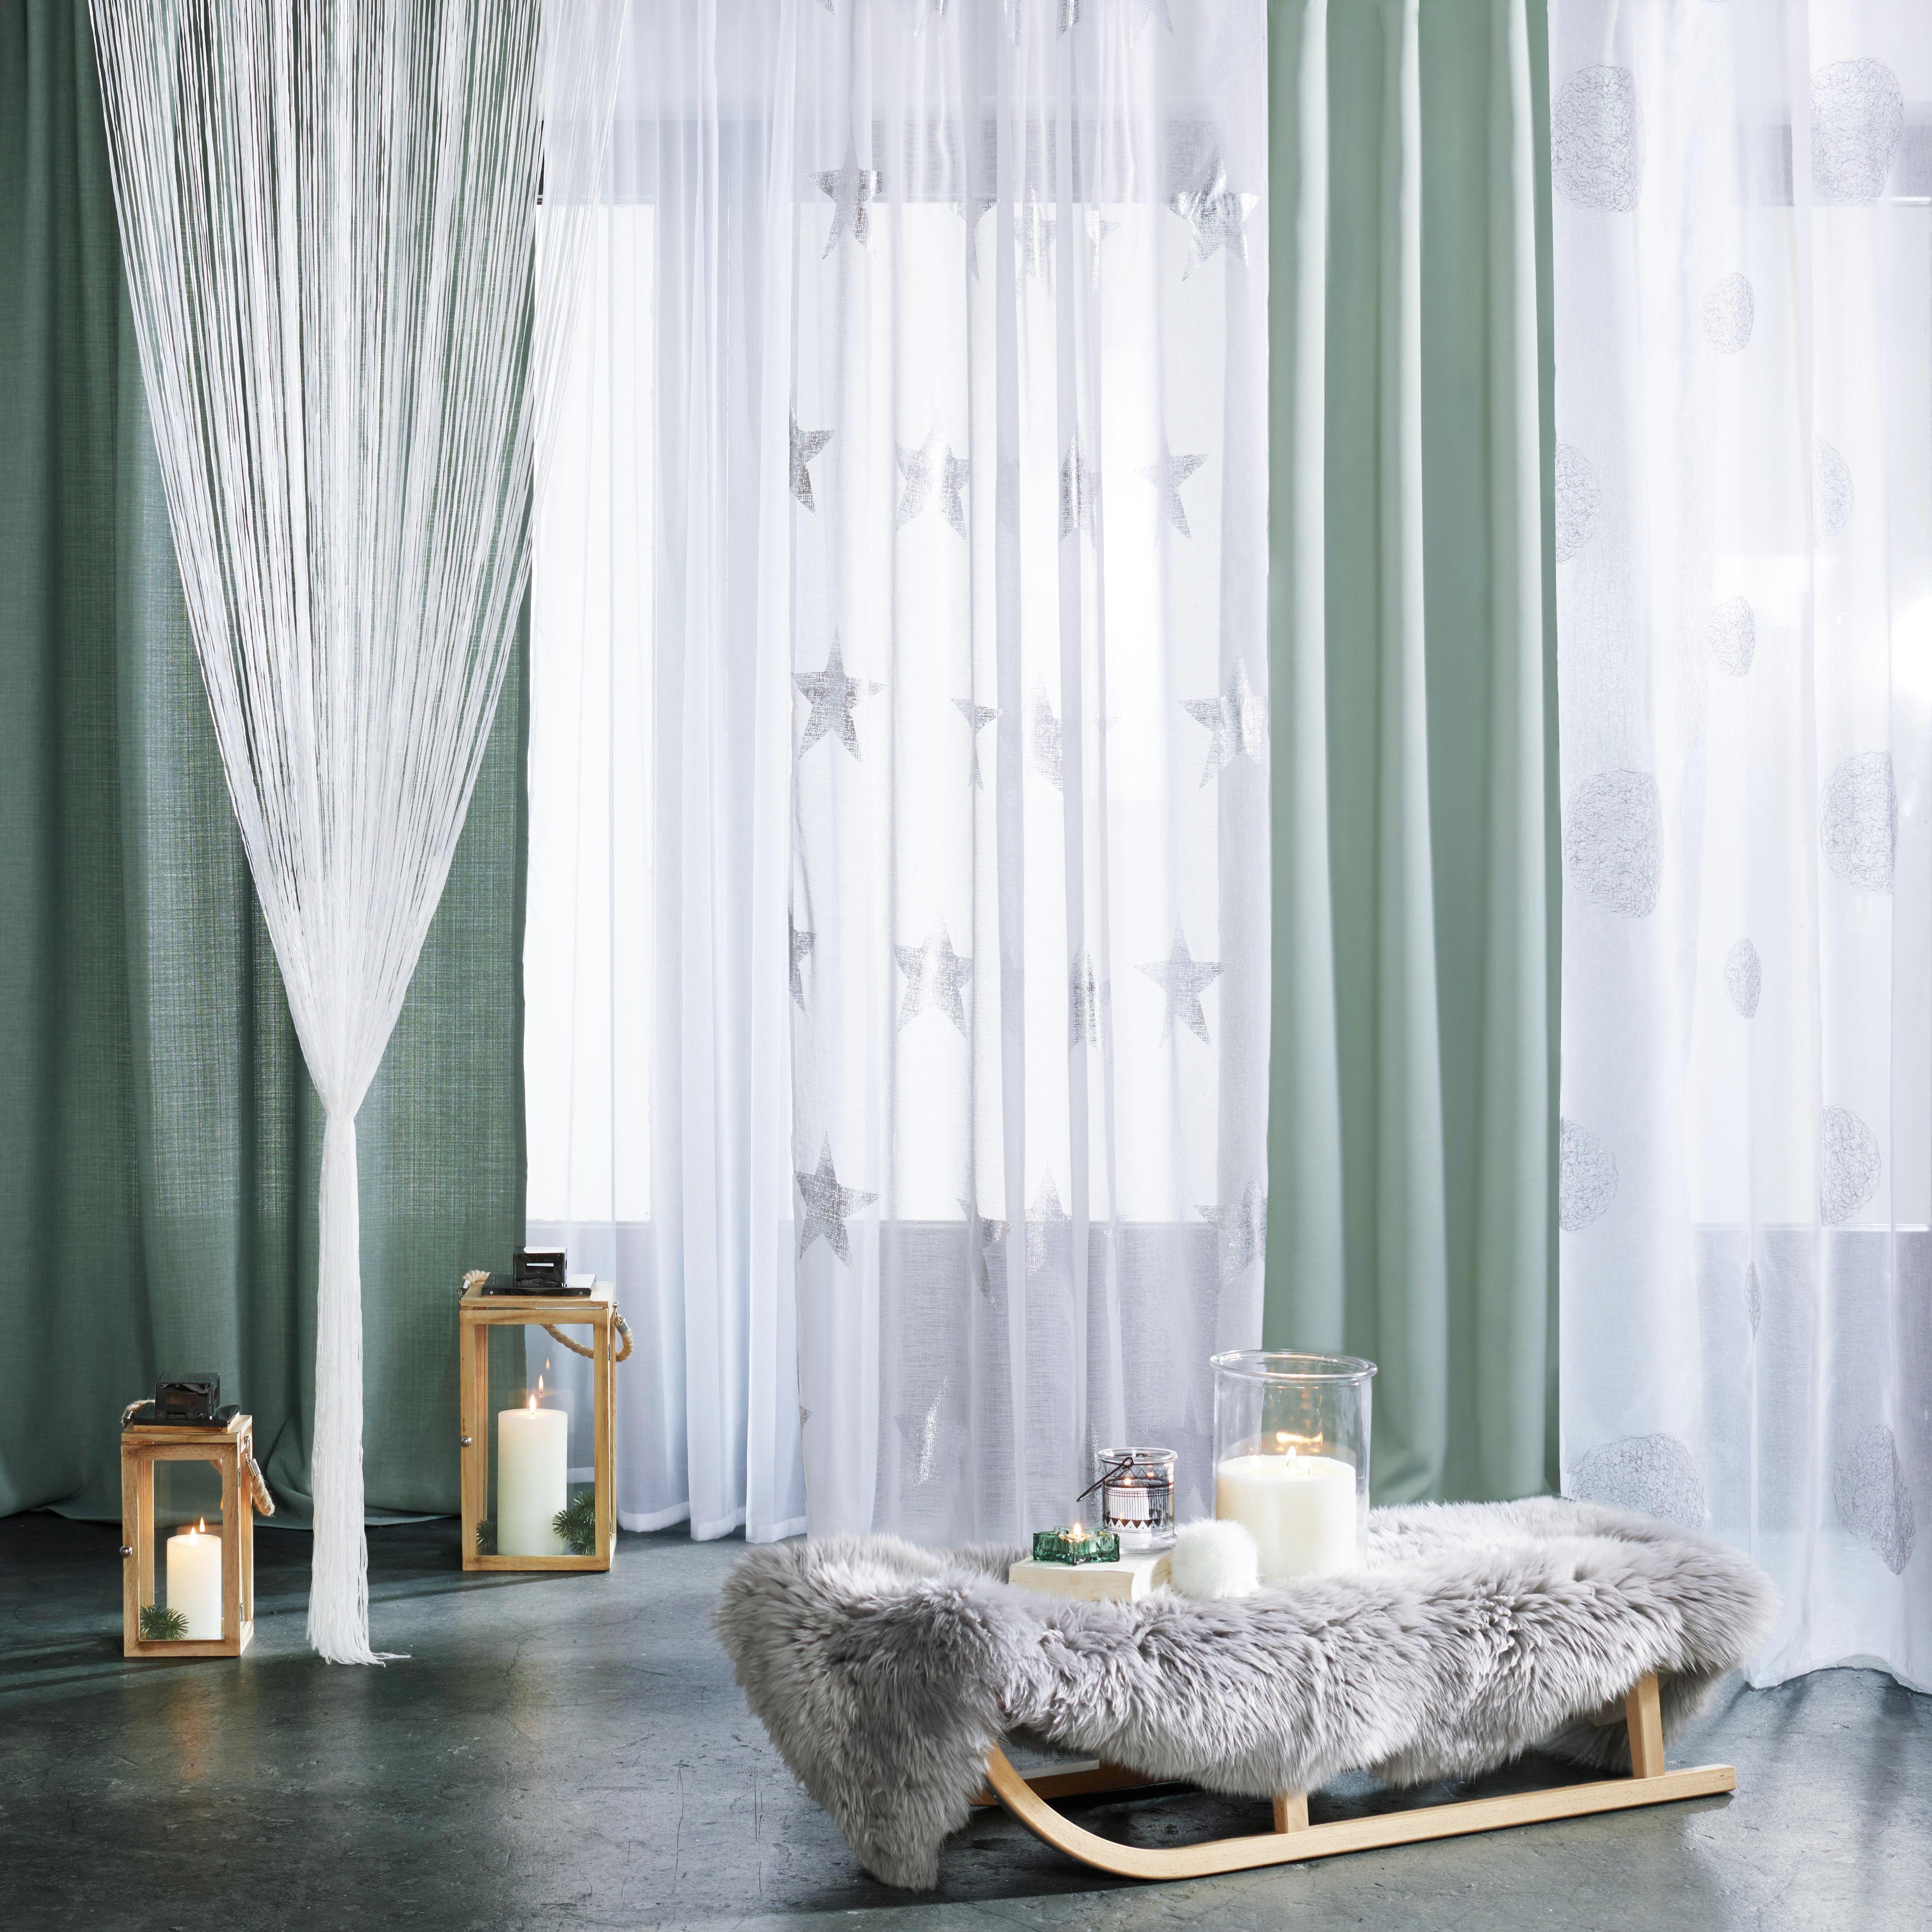 Fadenstore String in Weiß, ca. 90x245cm - Weiß, KONVENTIONELL, Textil (90/245cm) - MÖMAX modern living